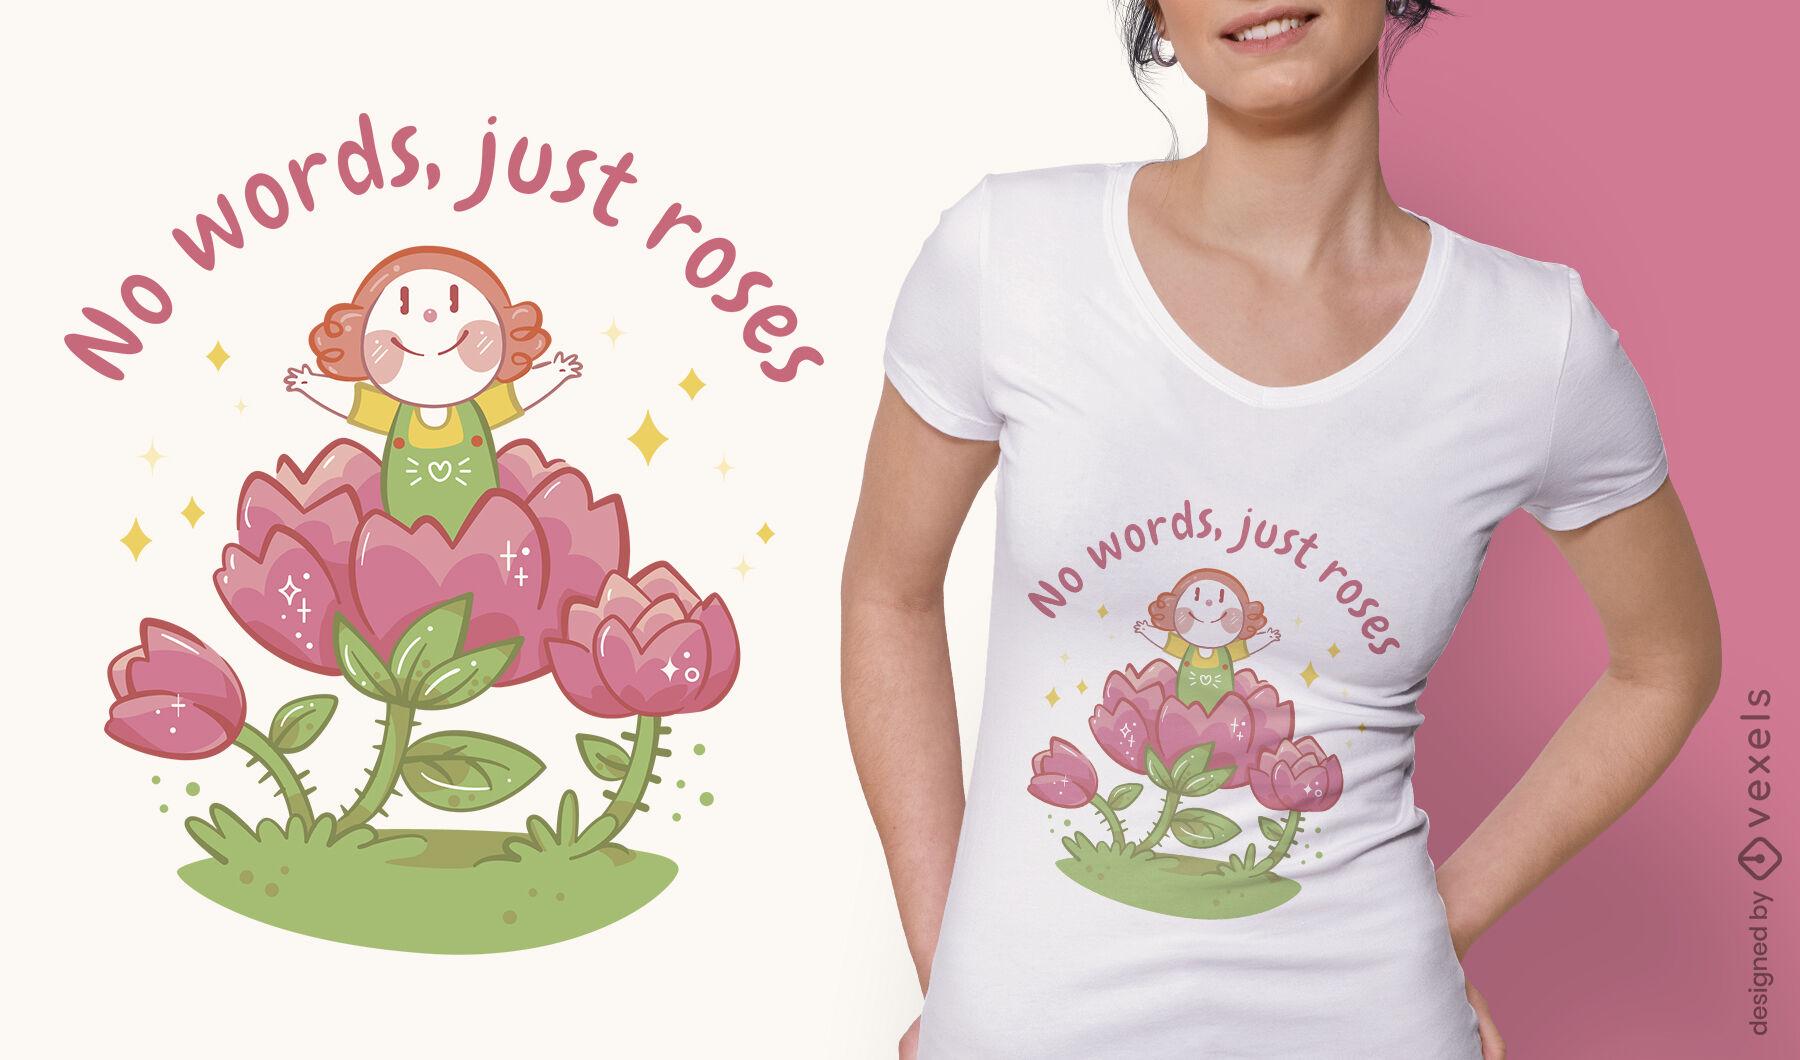 Dise?o de camiseta de ni?a dentro de flor